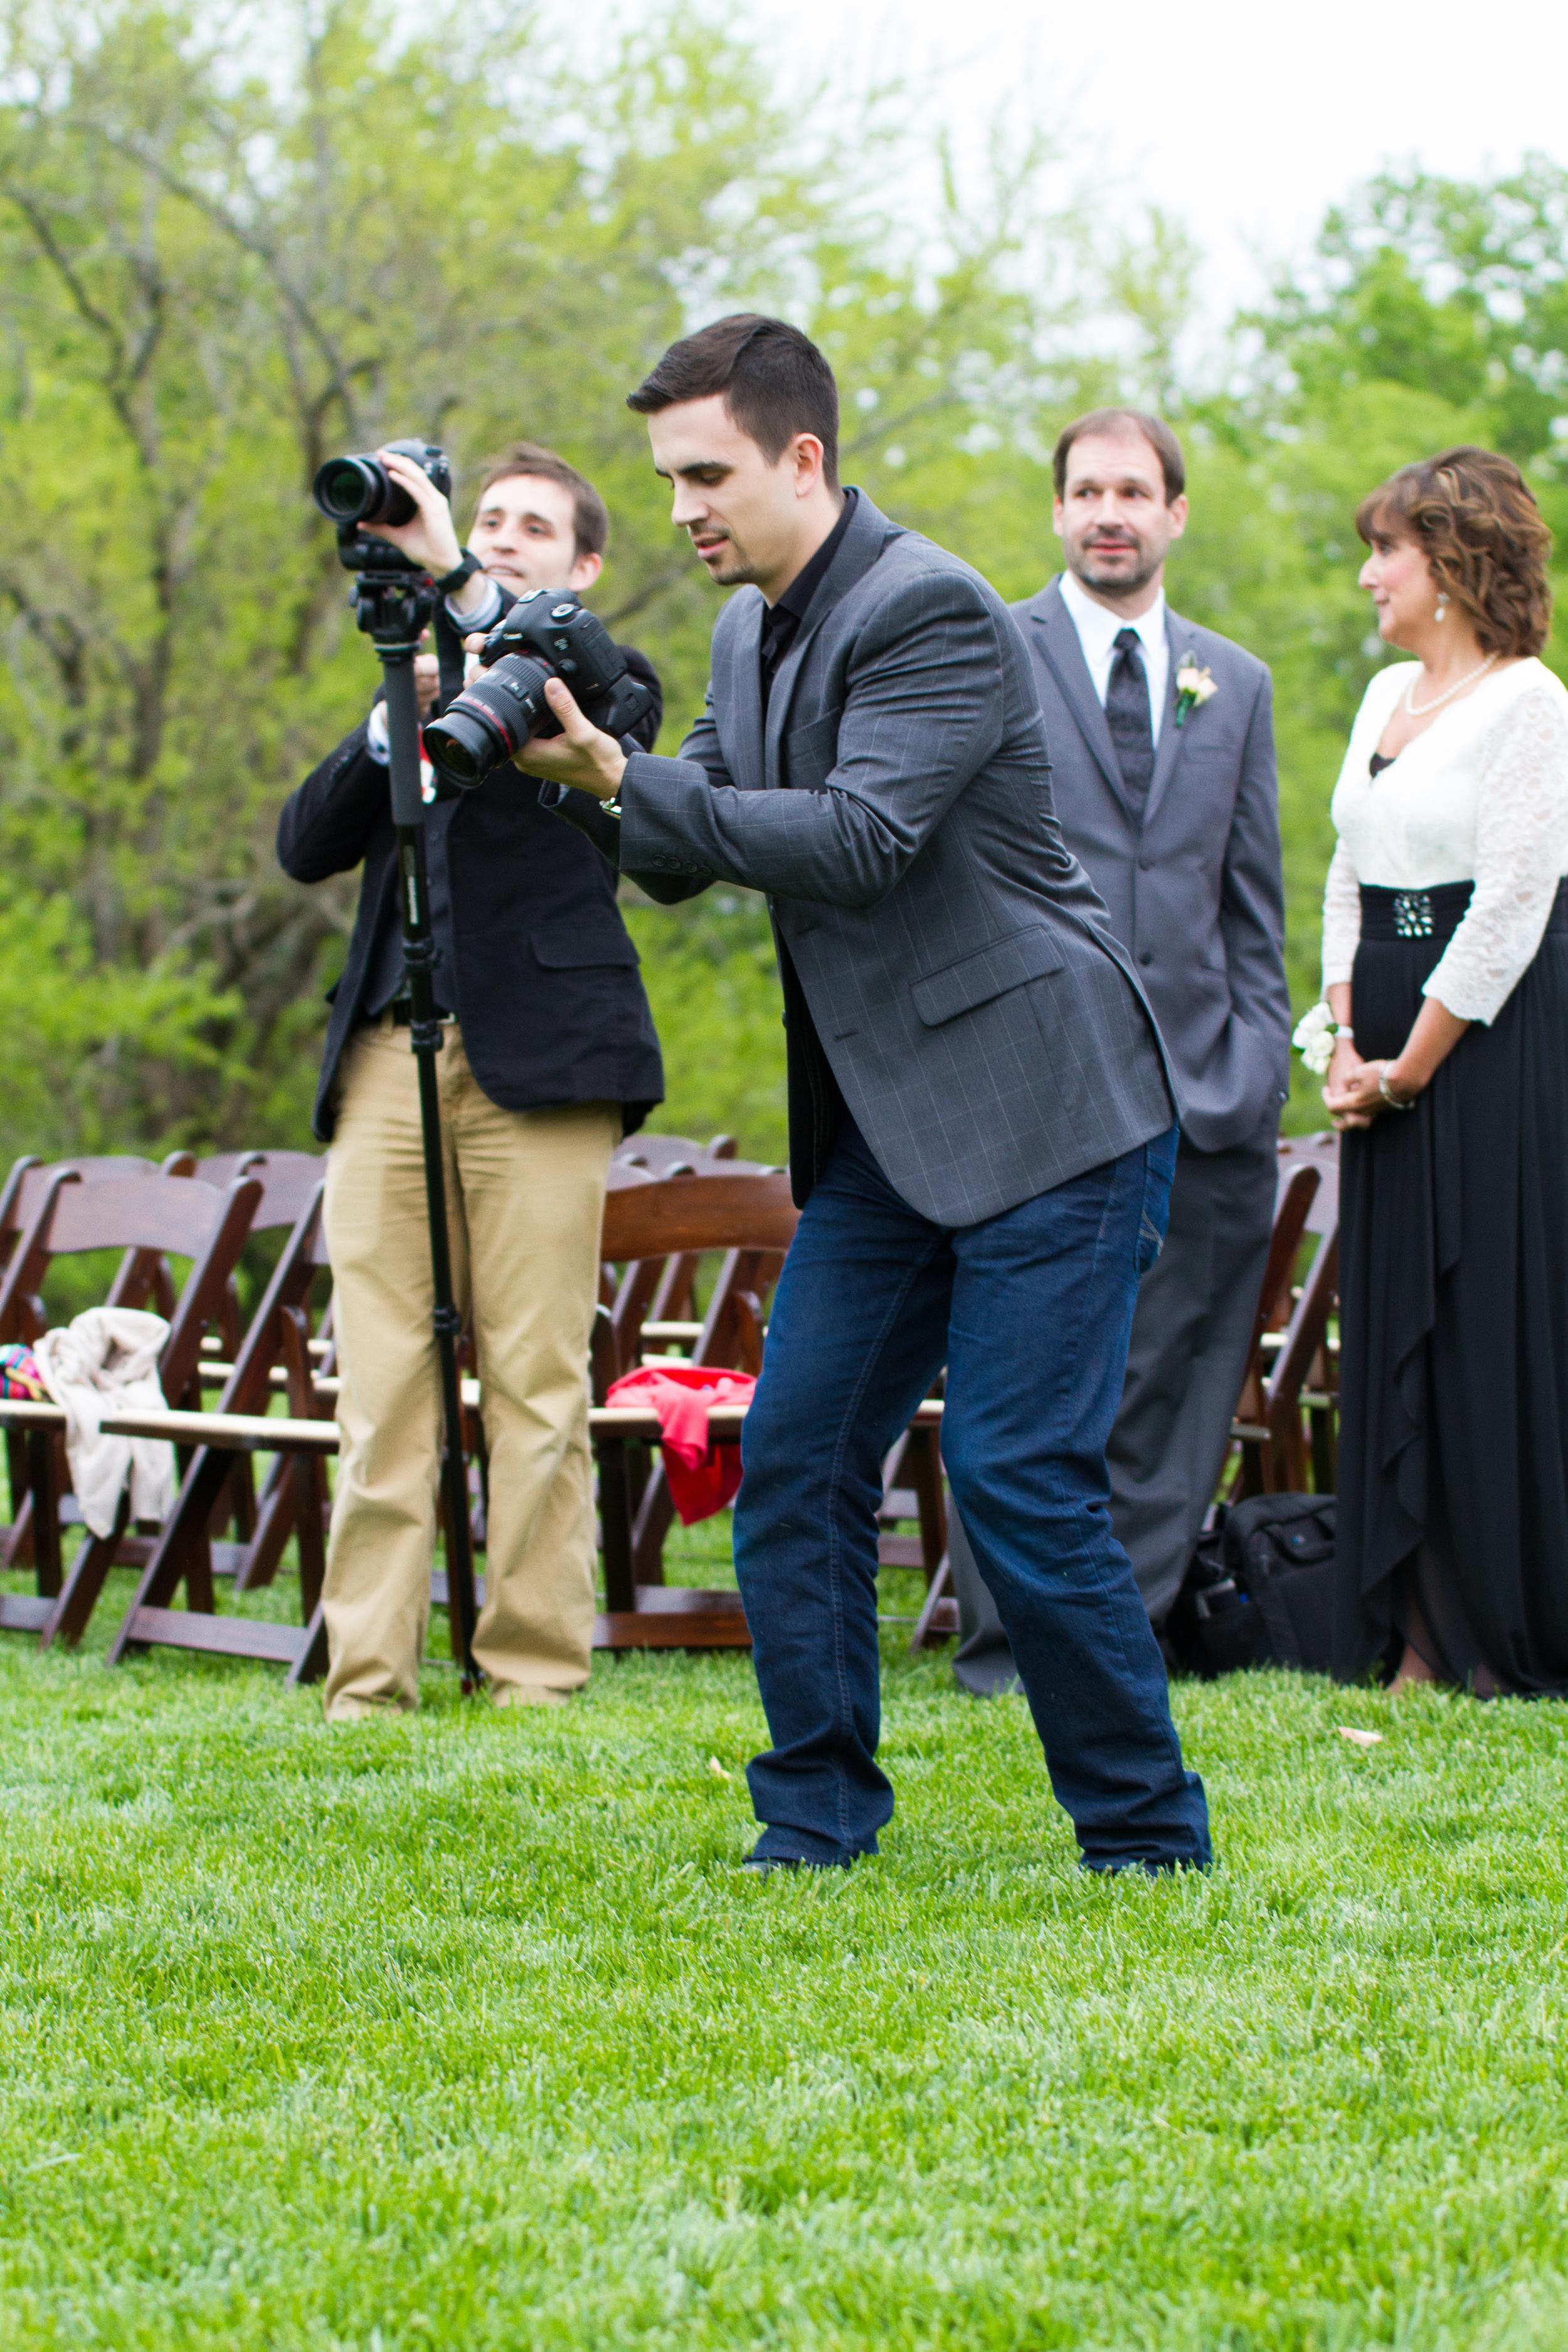 brett-smith-photo-wedding-video3.jpg